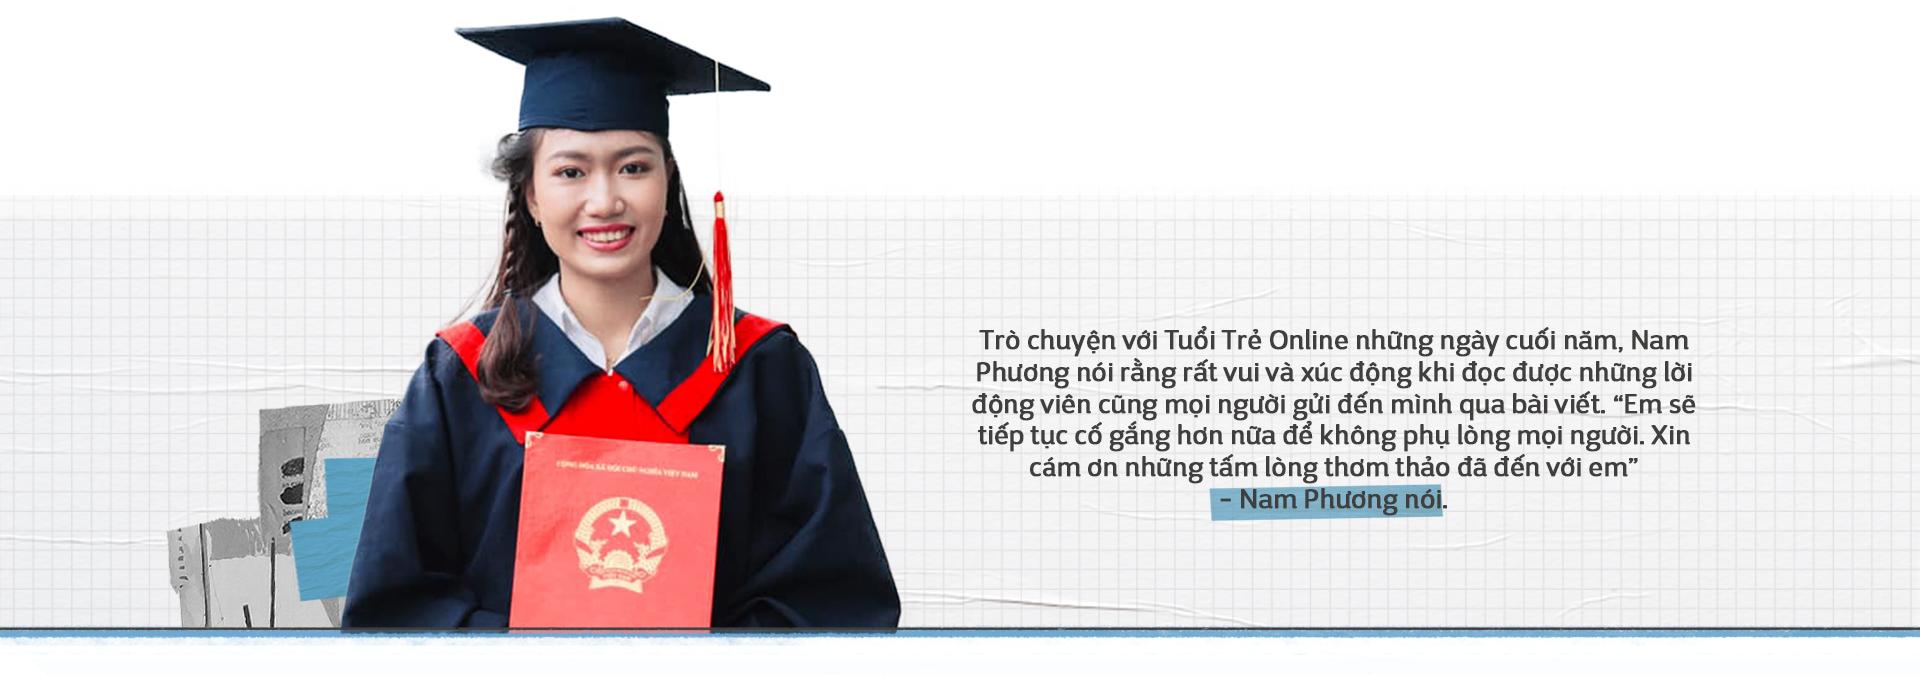 Những câu chuyện nóng hổi tạo trend trong giới trẻ Việt 2019 - Ảnh 7.